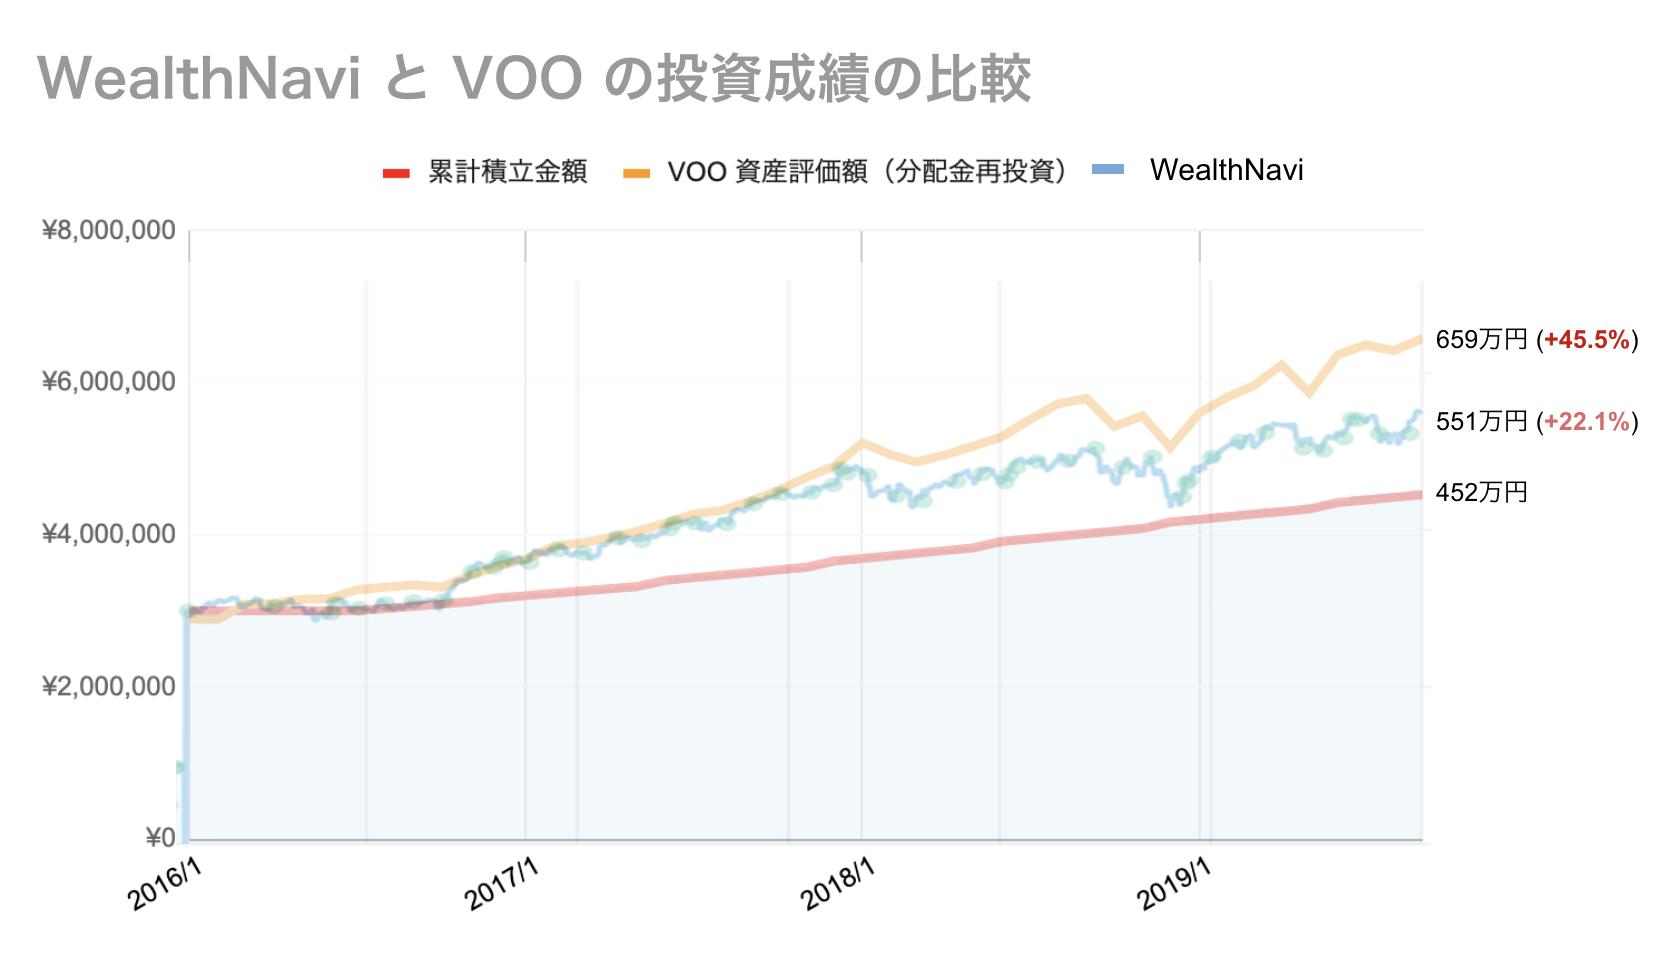 ウェルスナビとVOO(バンガードS&P500 ETF)の運用パフォーマンスシミュレーション